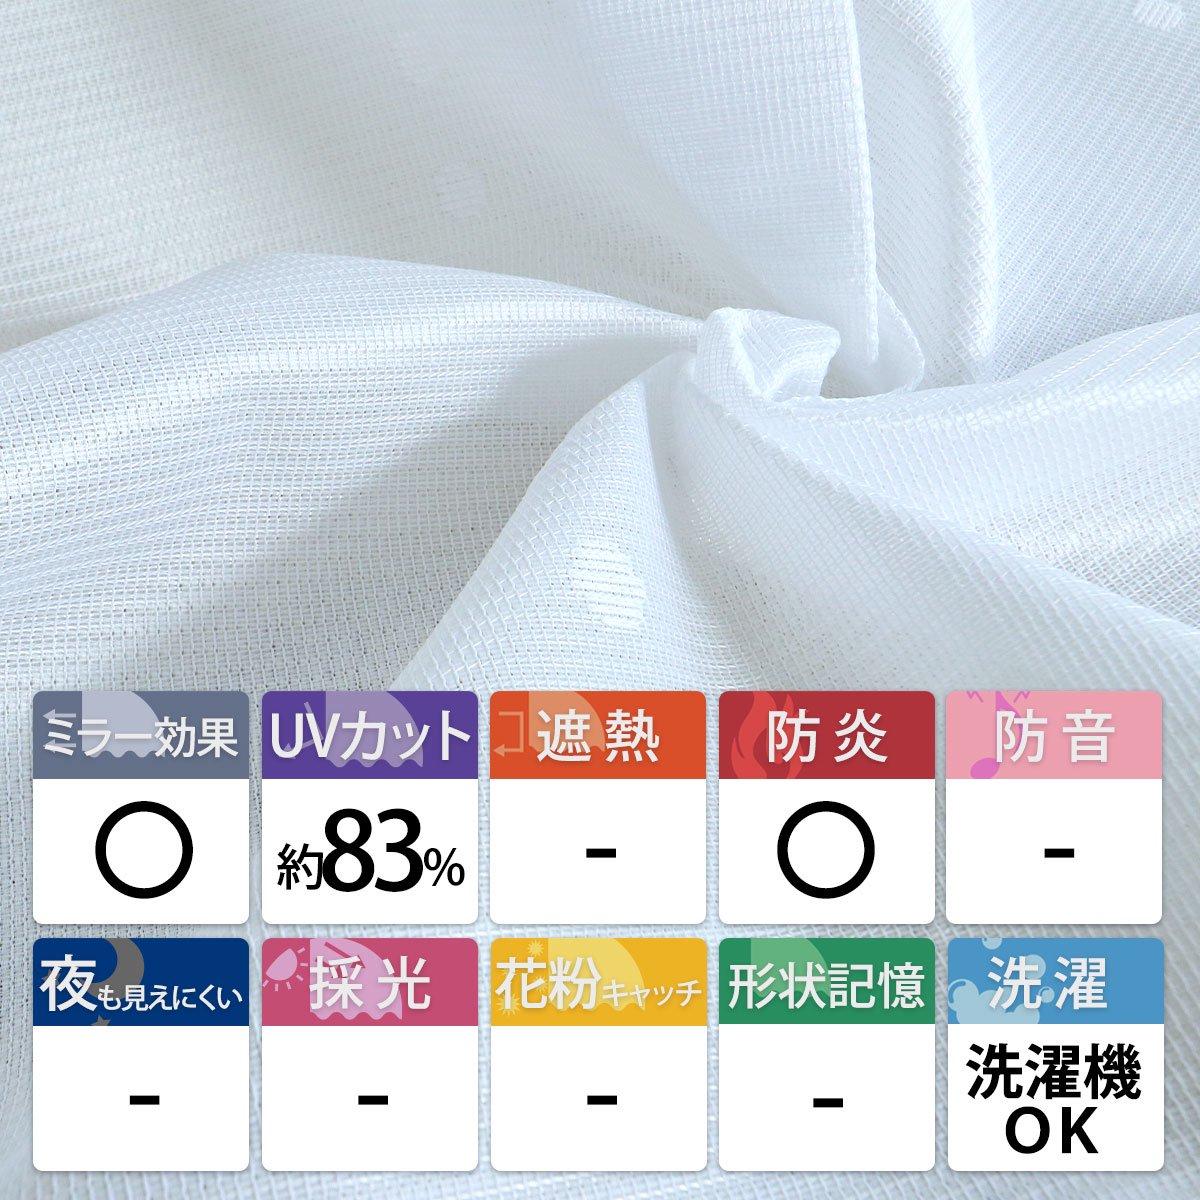 安心の日本製!一年中使える機能充実のレースカーテン『ミクリナ』